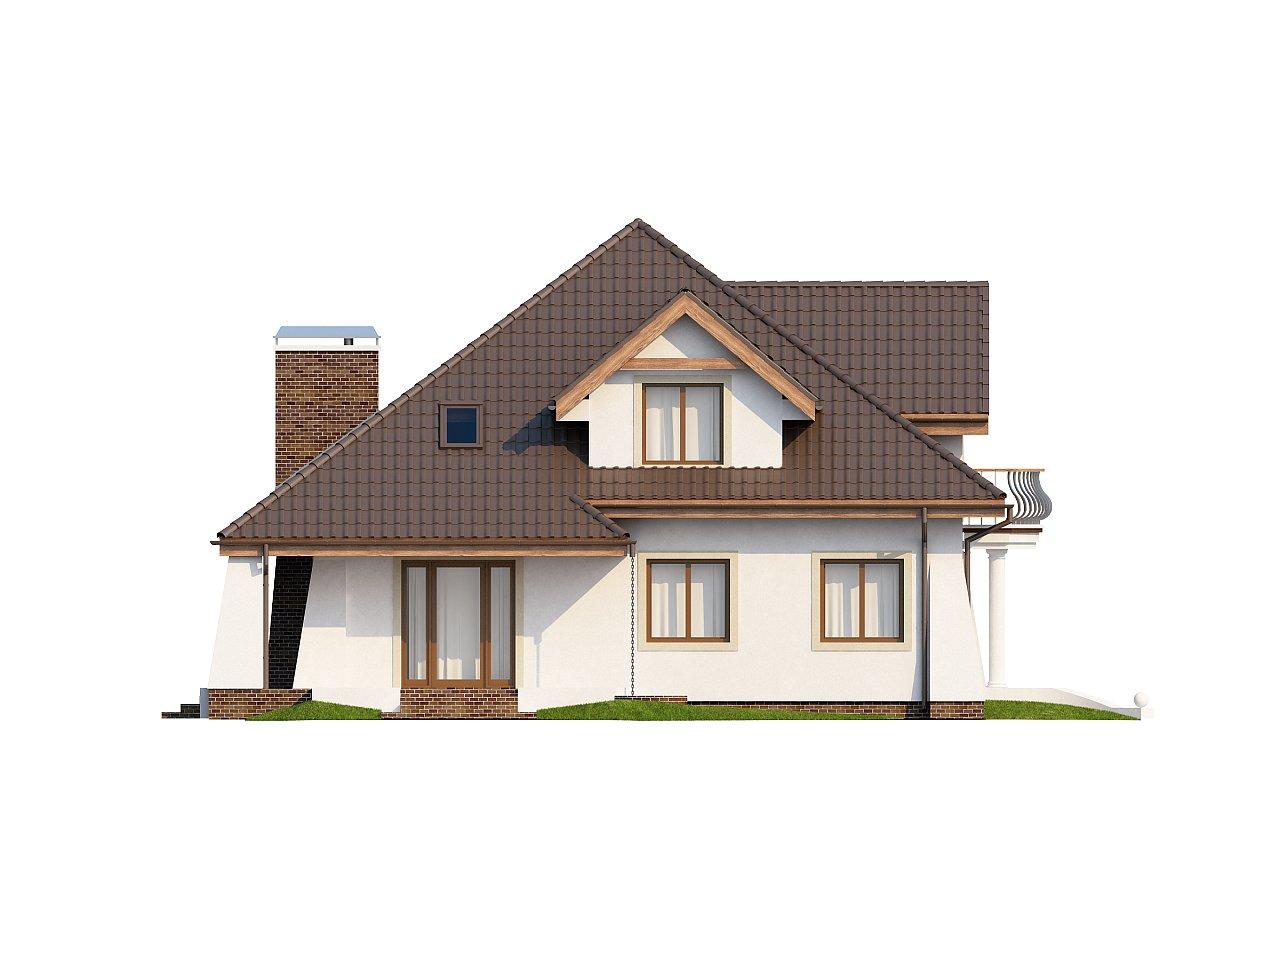 Удобный дом в классическом стиле с красивыми мансардными окнами и балконом. 5